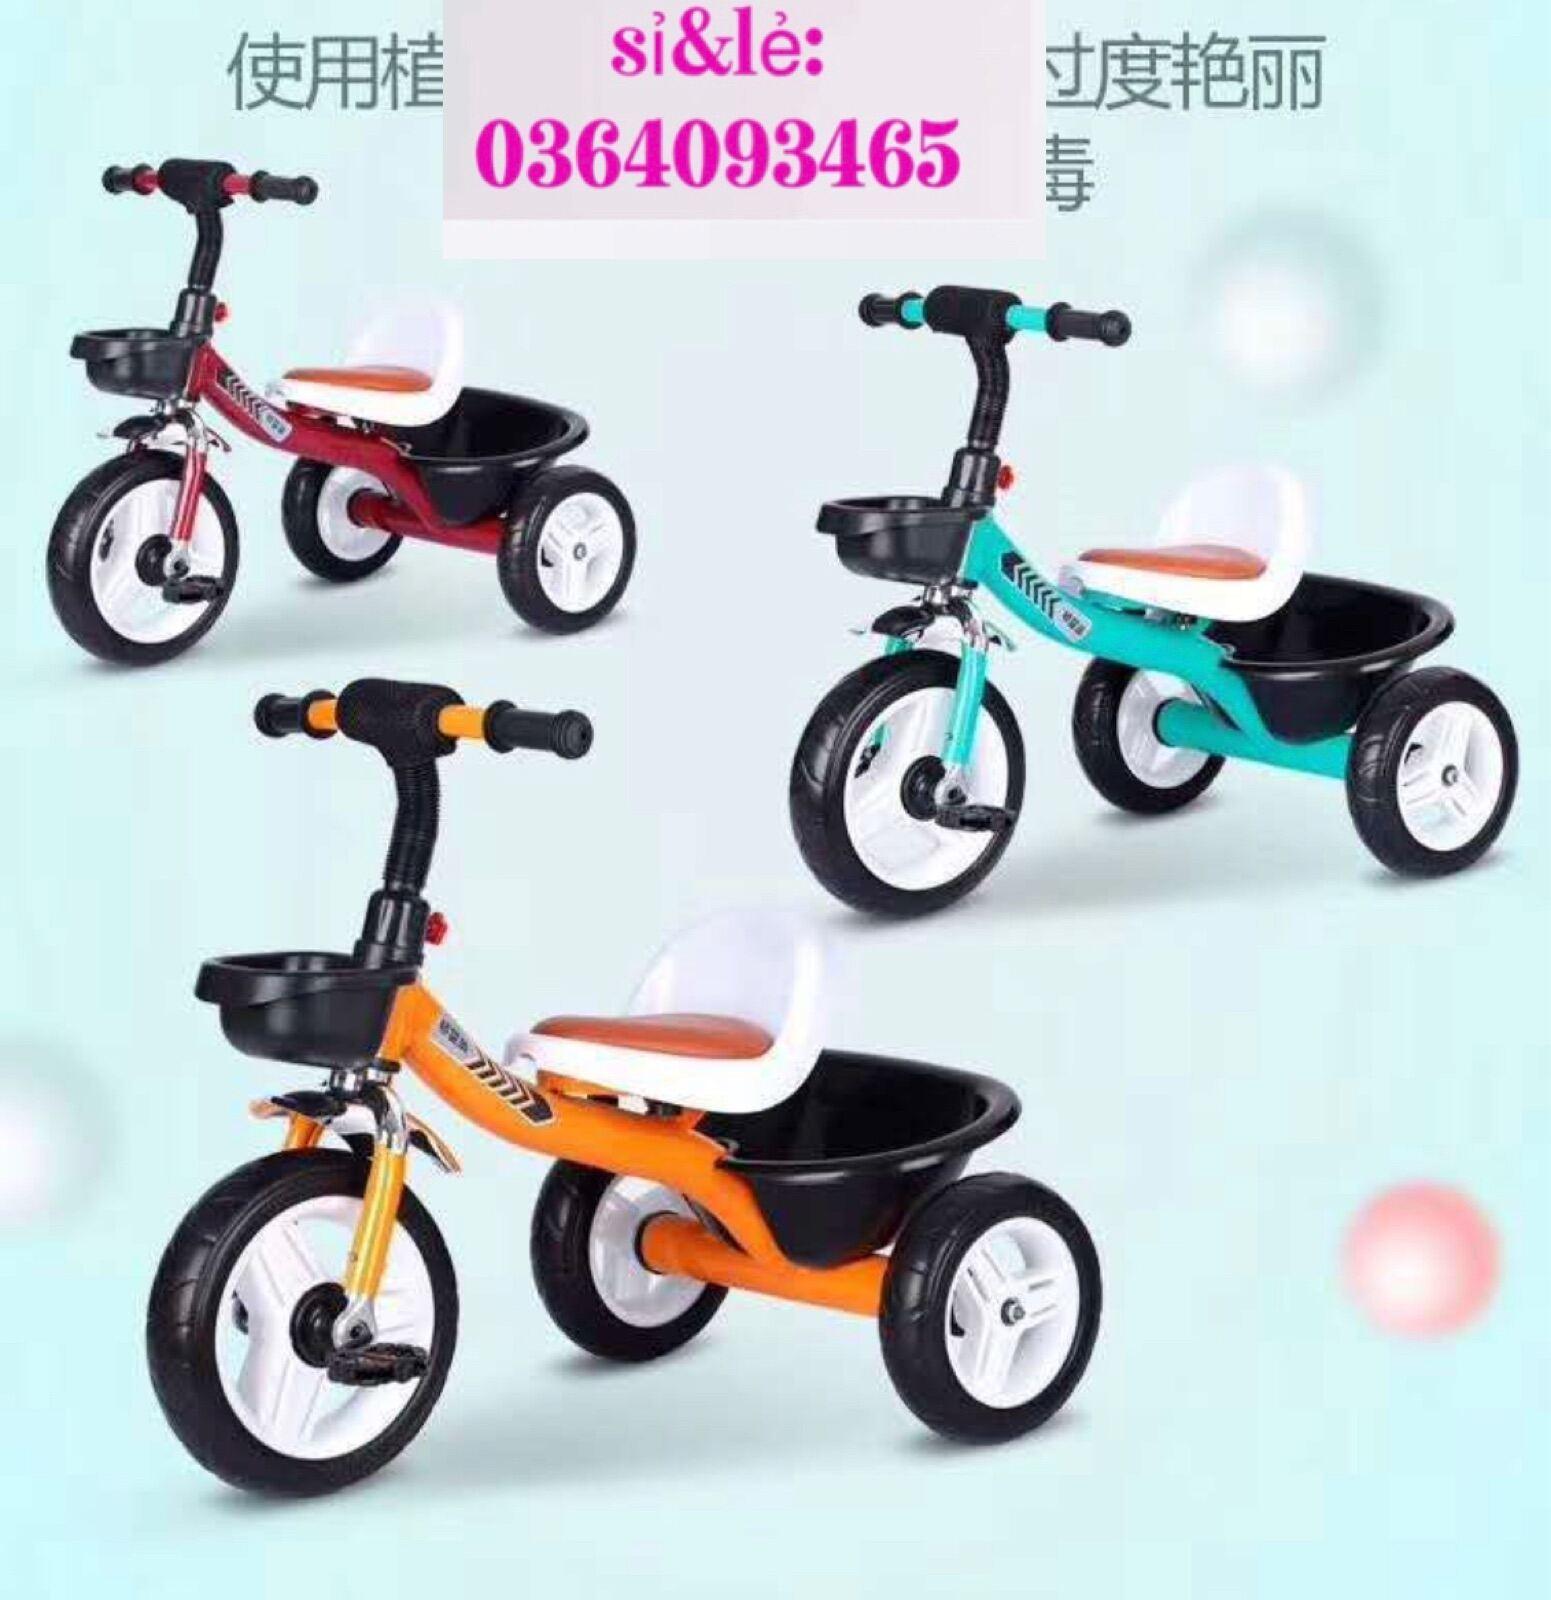 Mua Xe đạp 3 bánh yên bọc da cao cấp